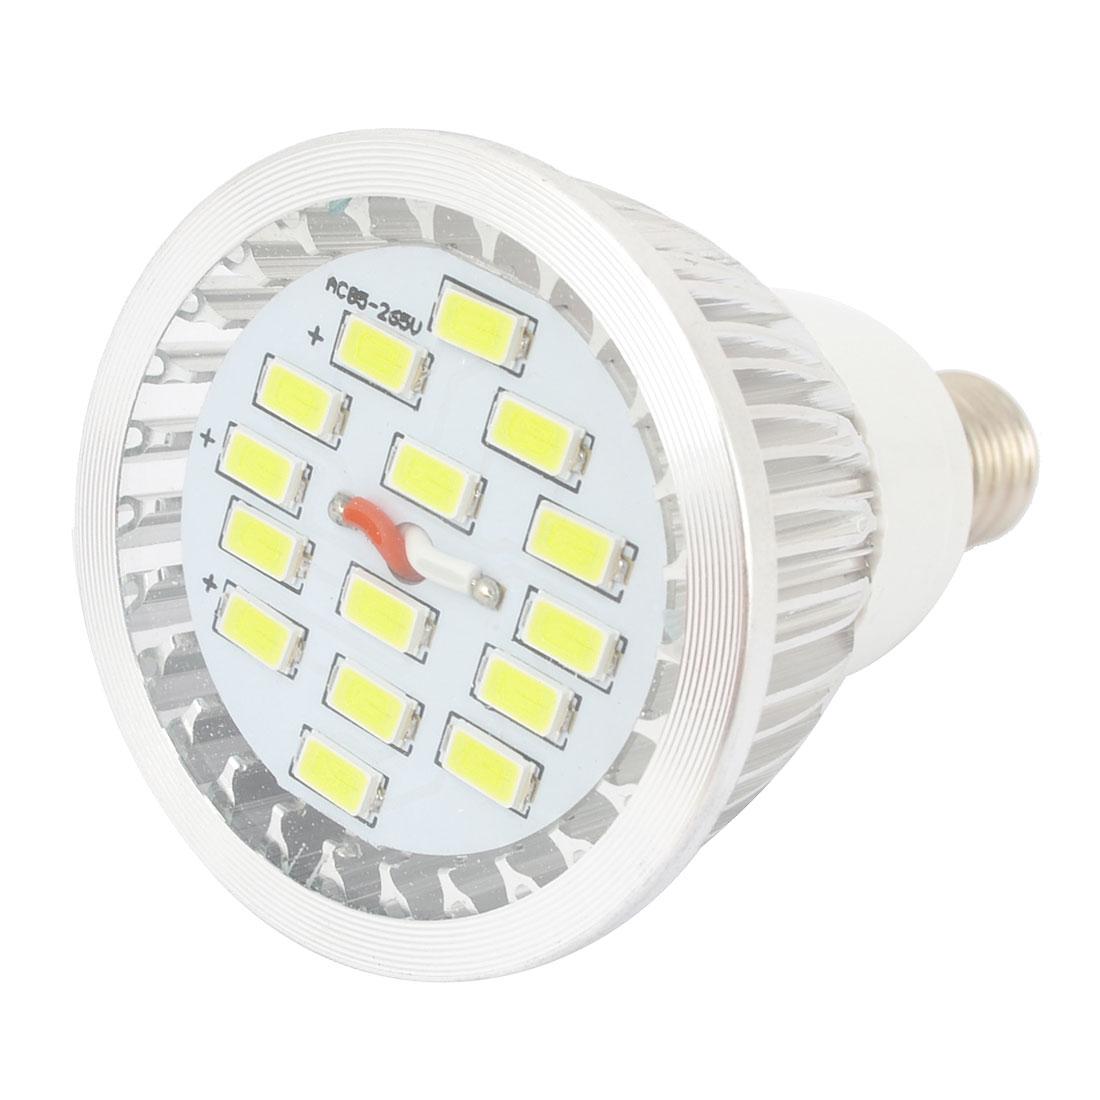 White 7W E14 5730 SMD 15 LEDs Globe Light Spotlight Bulb AC85-265V